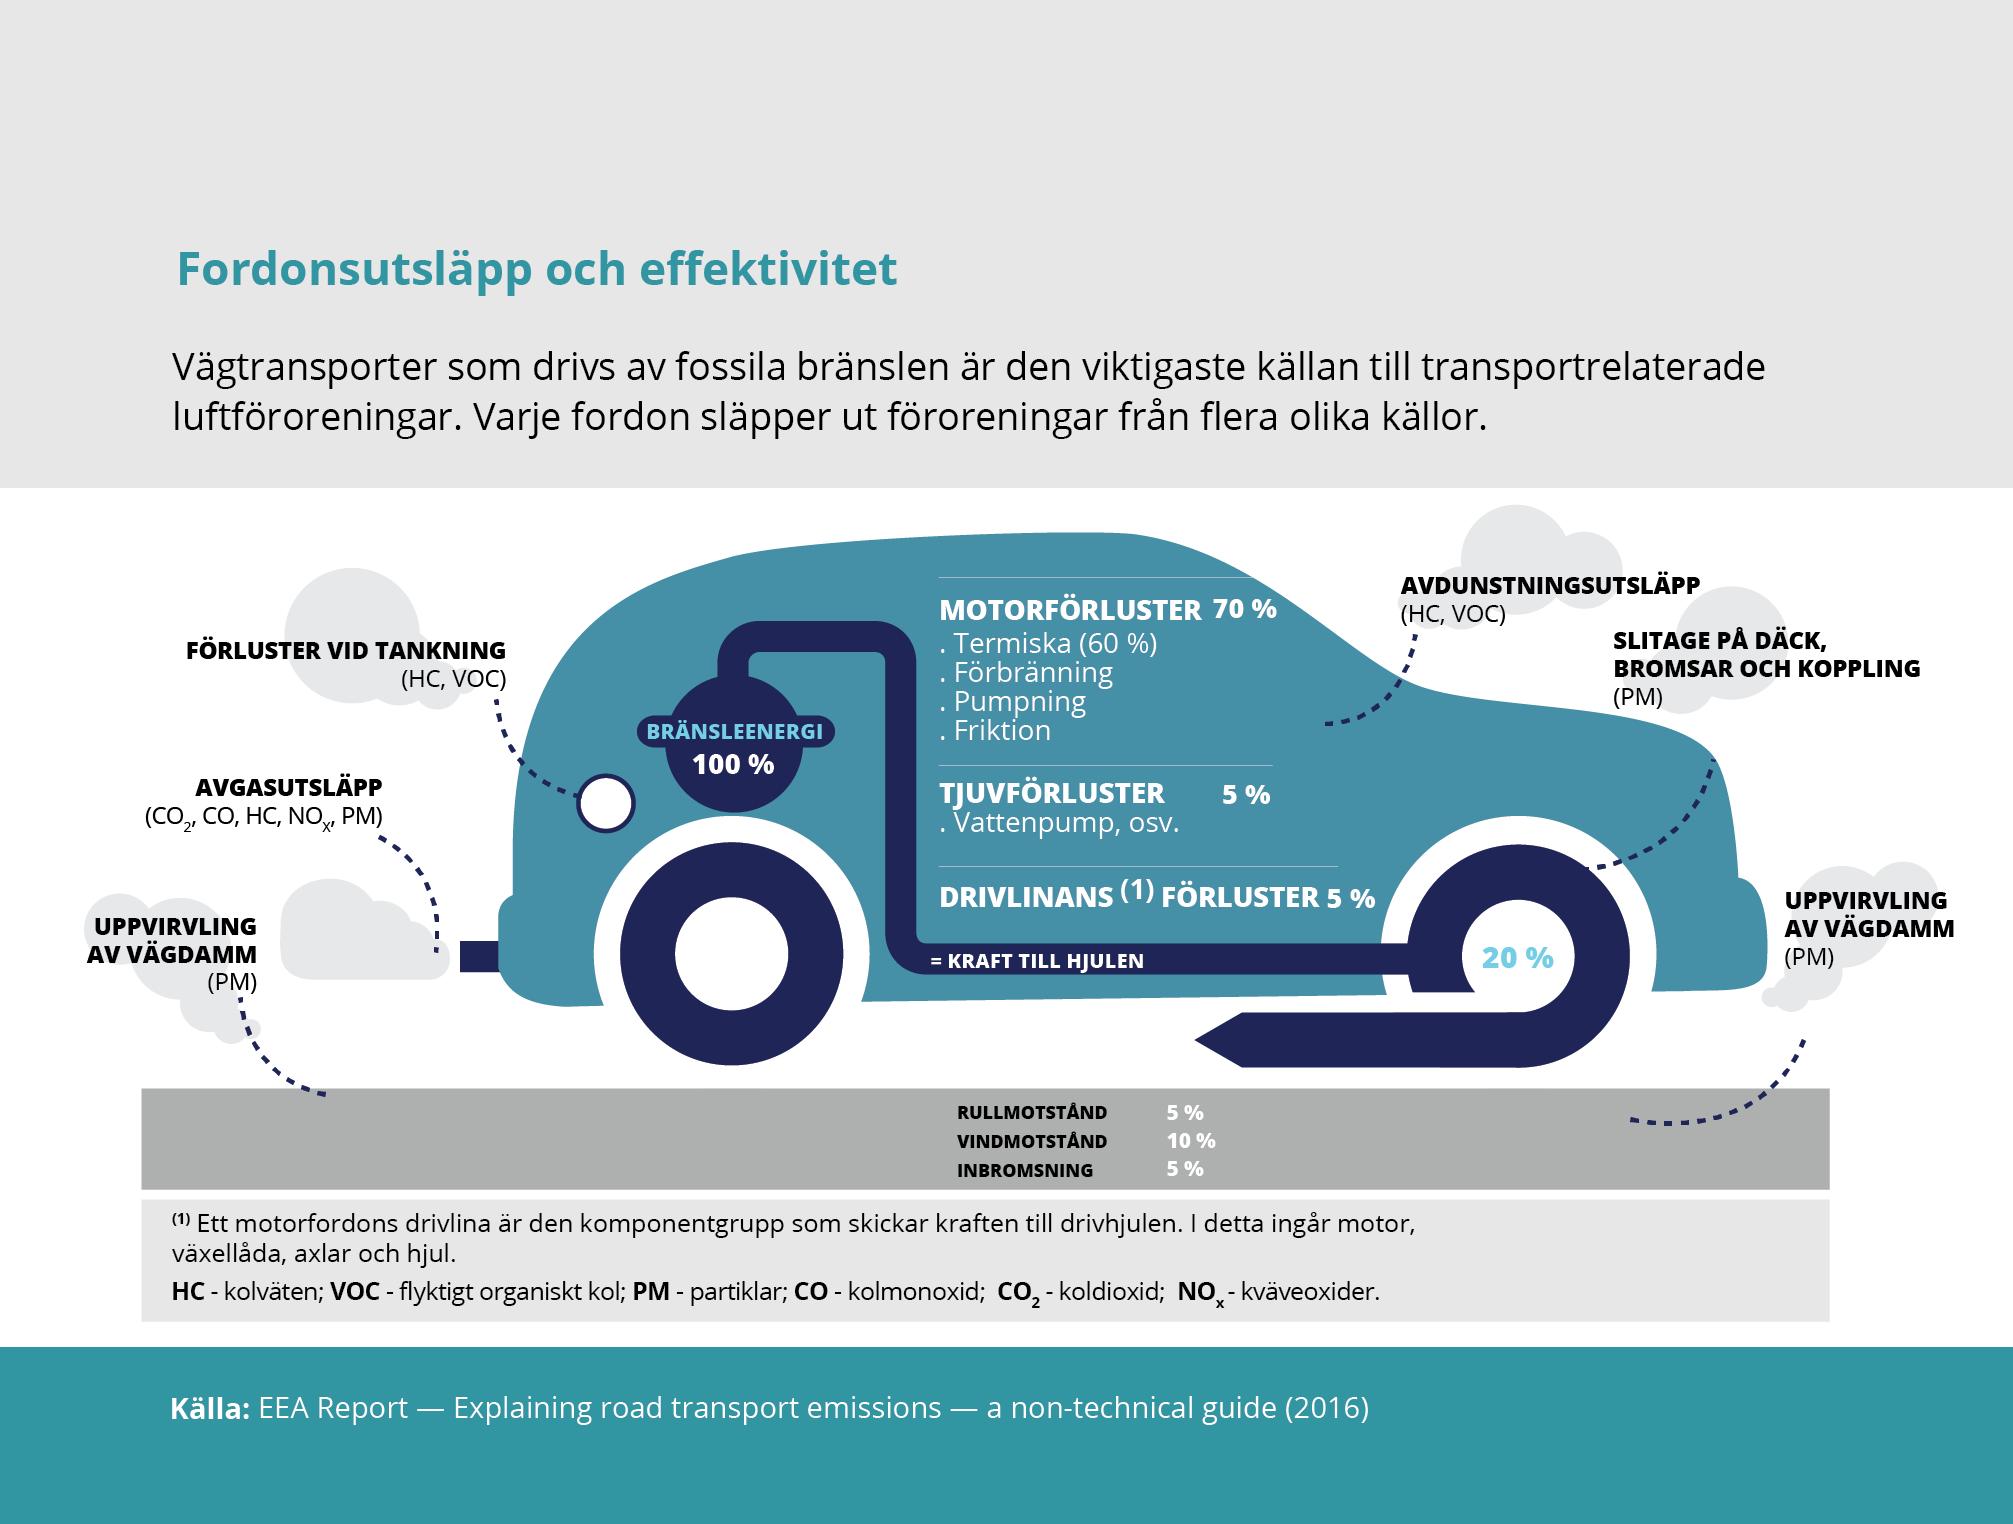 Fordonsutsläpp och effektivitet